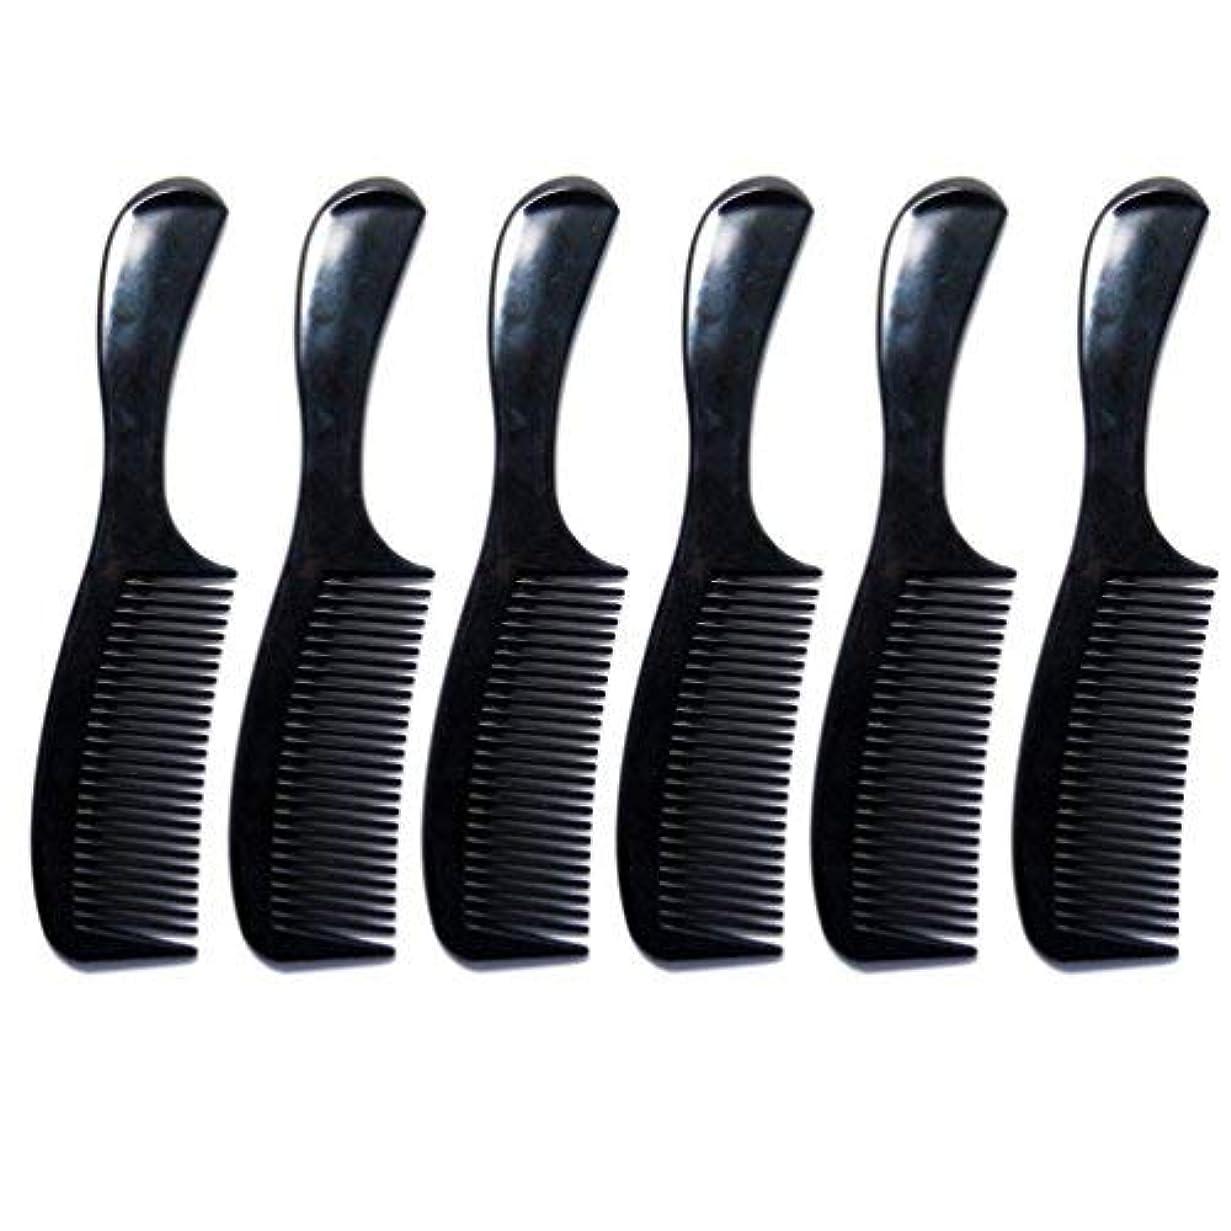 ホットめんどり処理Luxxii - (6 Pack) 8 inch Black Styling Essentials Round Handle Comb Pocket [並行輸入品]